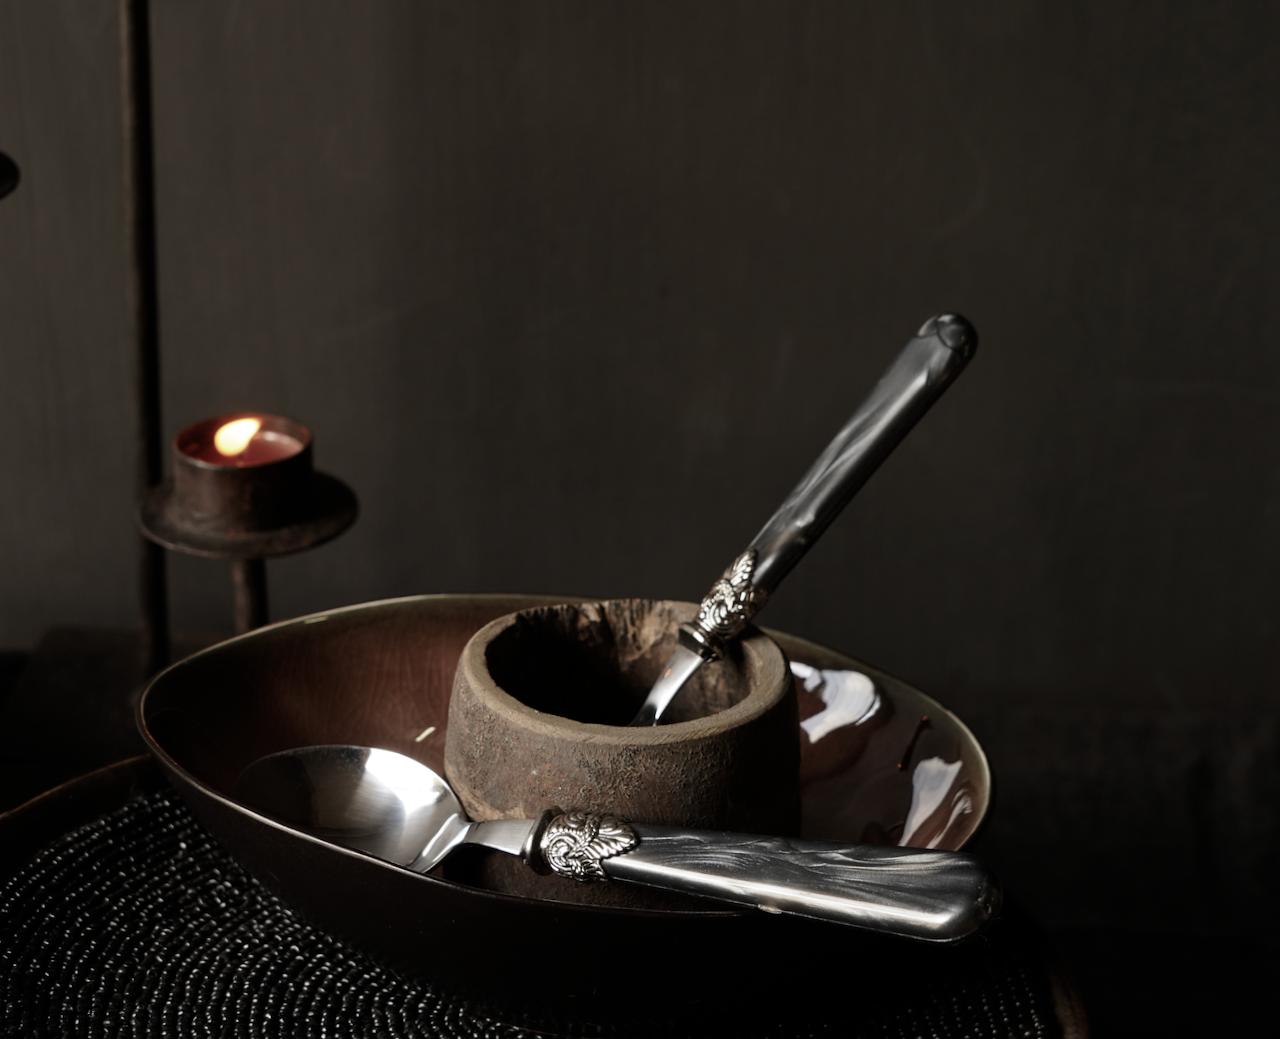 Kuchenserver & Kuchenmesserset von 2 Vintagen Design-5